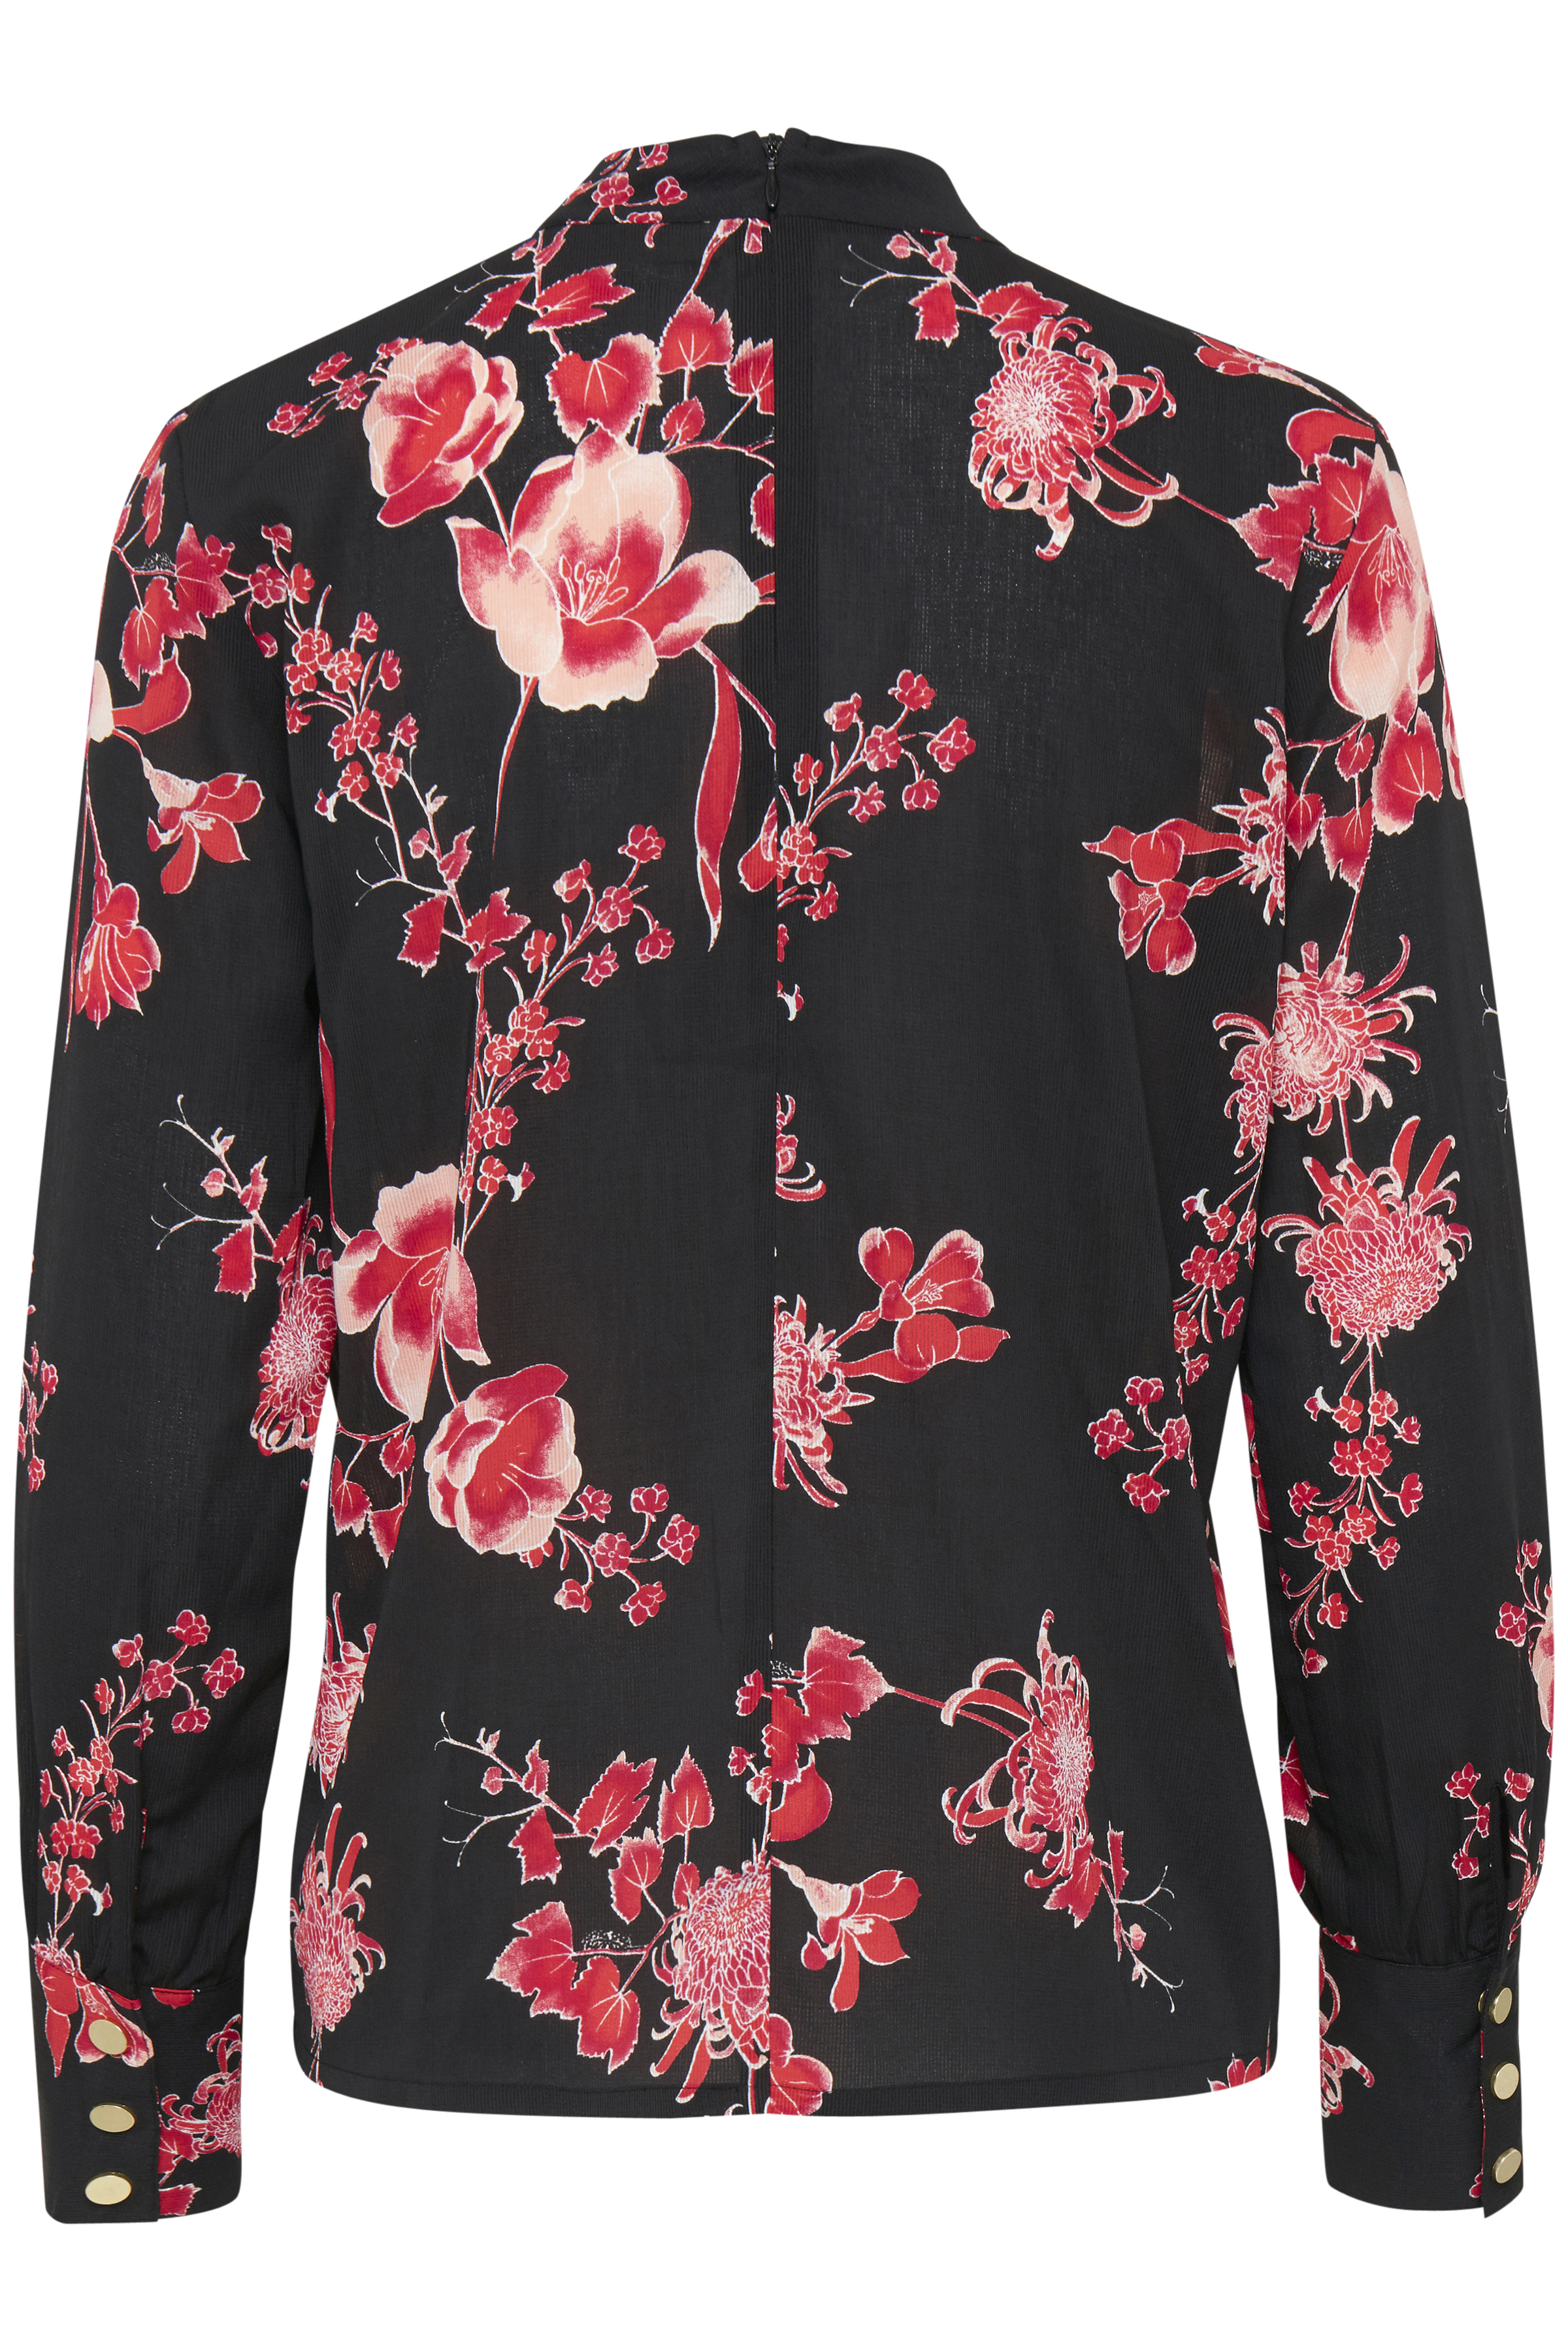 Schwarz/rot Langarm-Bluse von Dranella – Shoppen Sie Schwarz/rot Langarm-Bluse ab Gr. XS-XXL hier